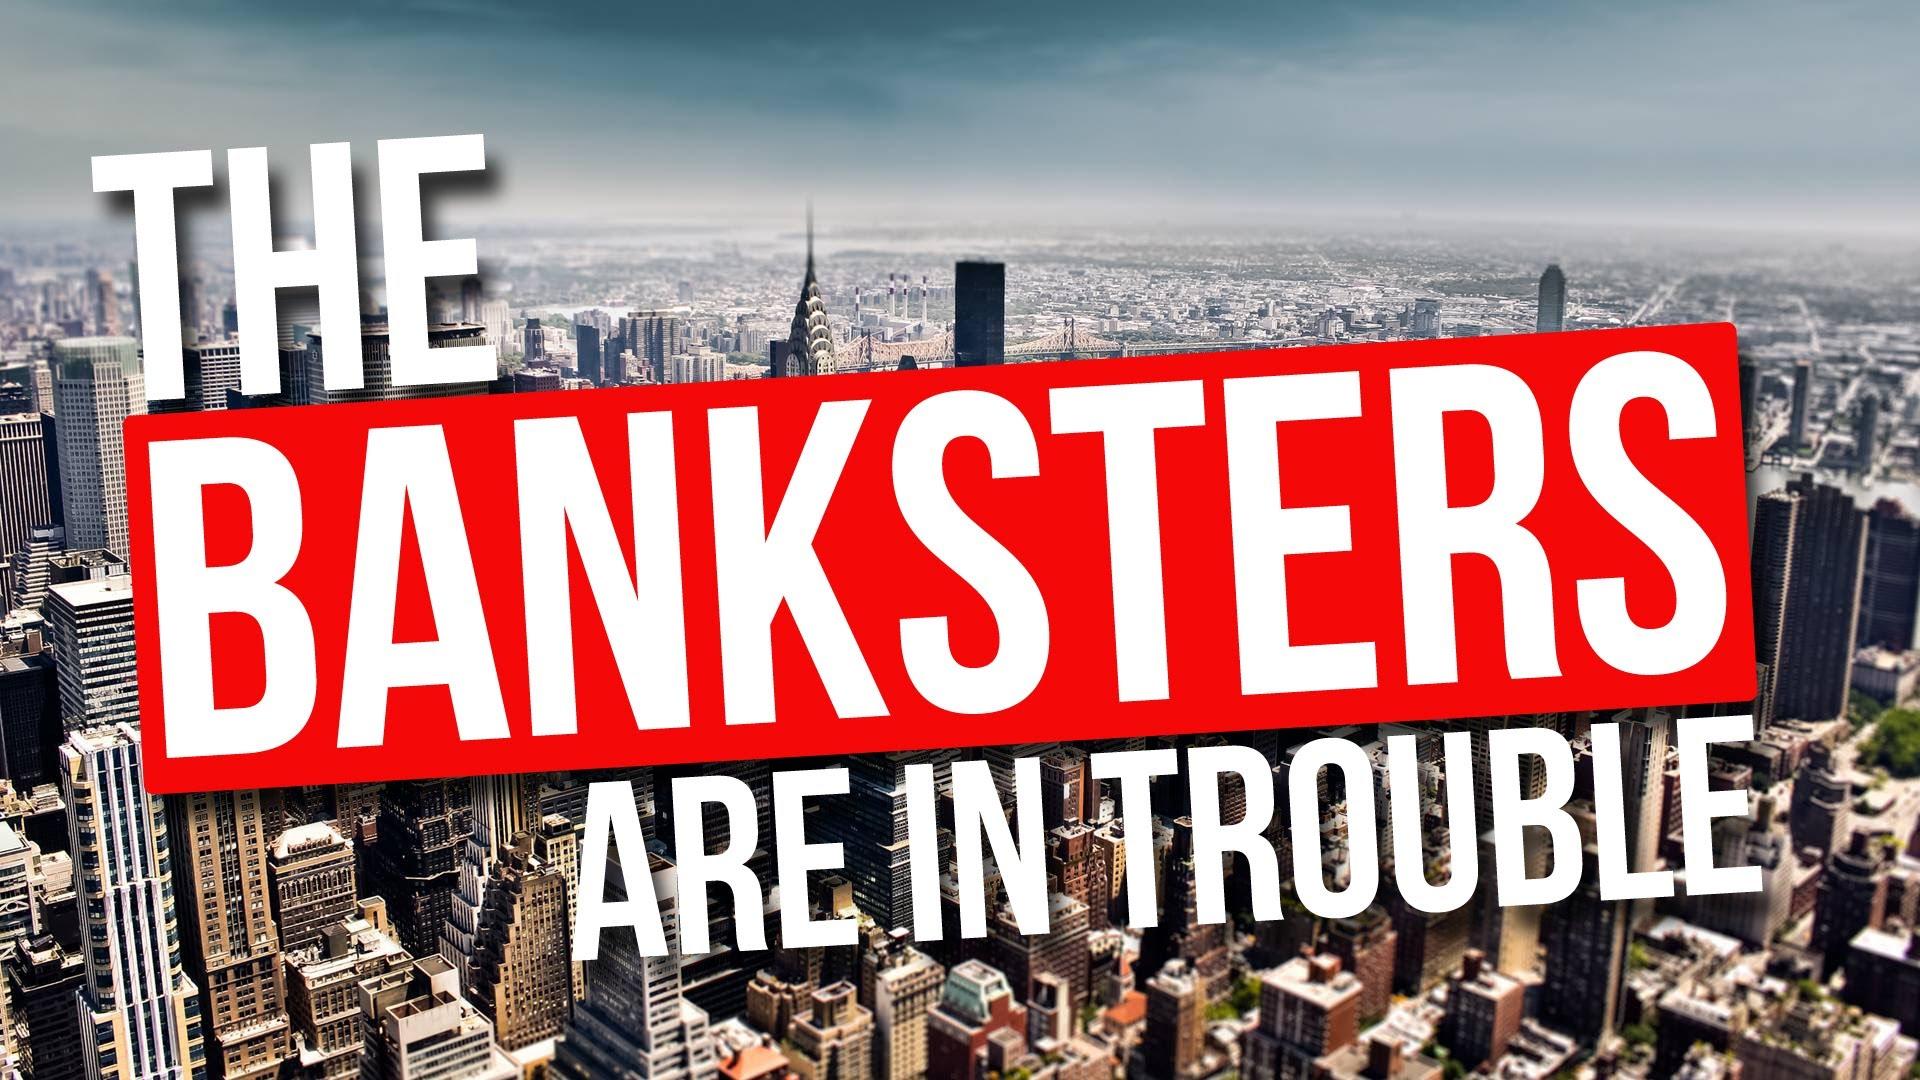 Αρκετοί φοβούνται πως το μαγικό τέχνασμα, με το οποίο αύξησε τα Ίδια Κεφάλαια της η Credit Suisse, οι εντιμότατοι Ελβετοί τραπεζίτες, δεν θα διστάσει να το χρησιμοποιήσει ούτε η Deutsche Bank – η γερμανική εγκληματική συμμορία με τις 6.000 δίκες και με τα 55 τρις € παράγωγα.